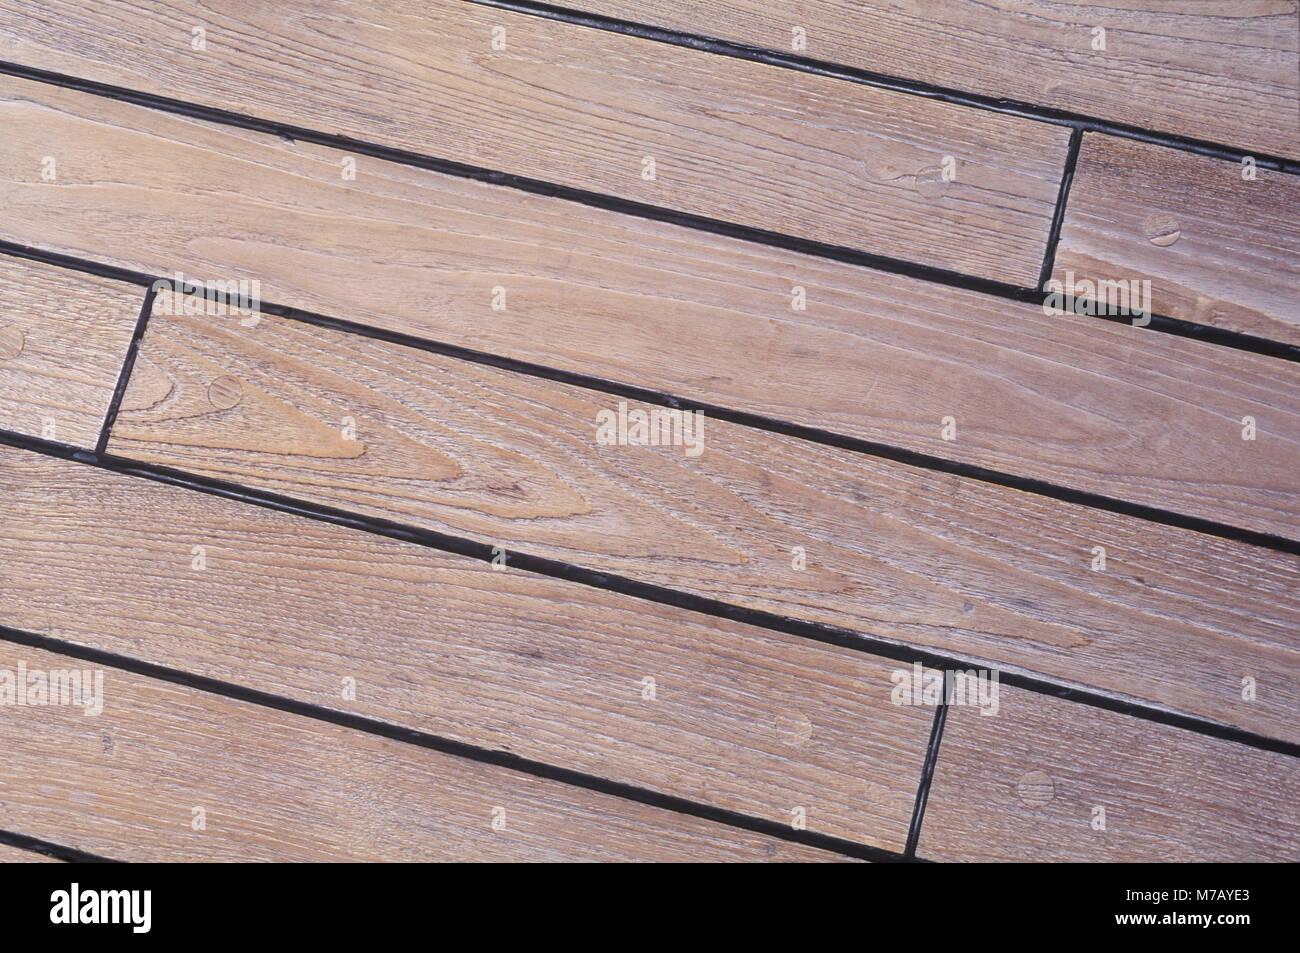 Wood Floorboards Stock Photos & Wood Floorboards Stock